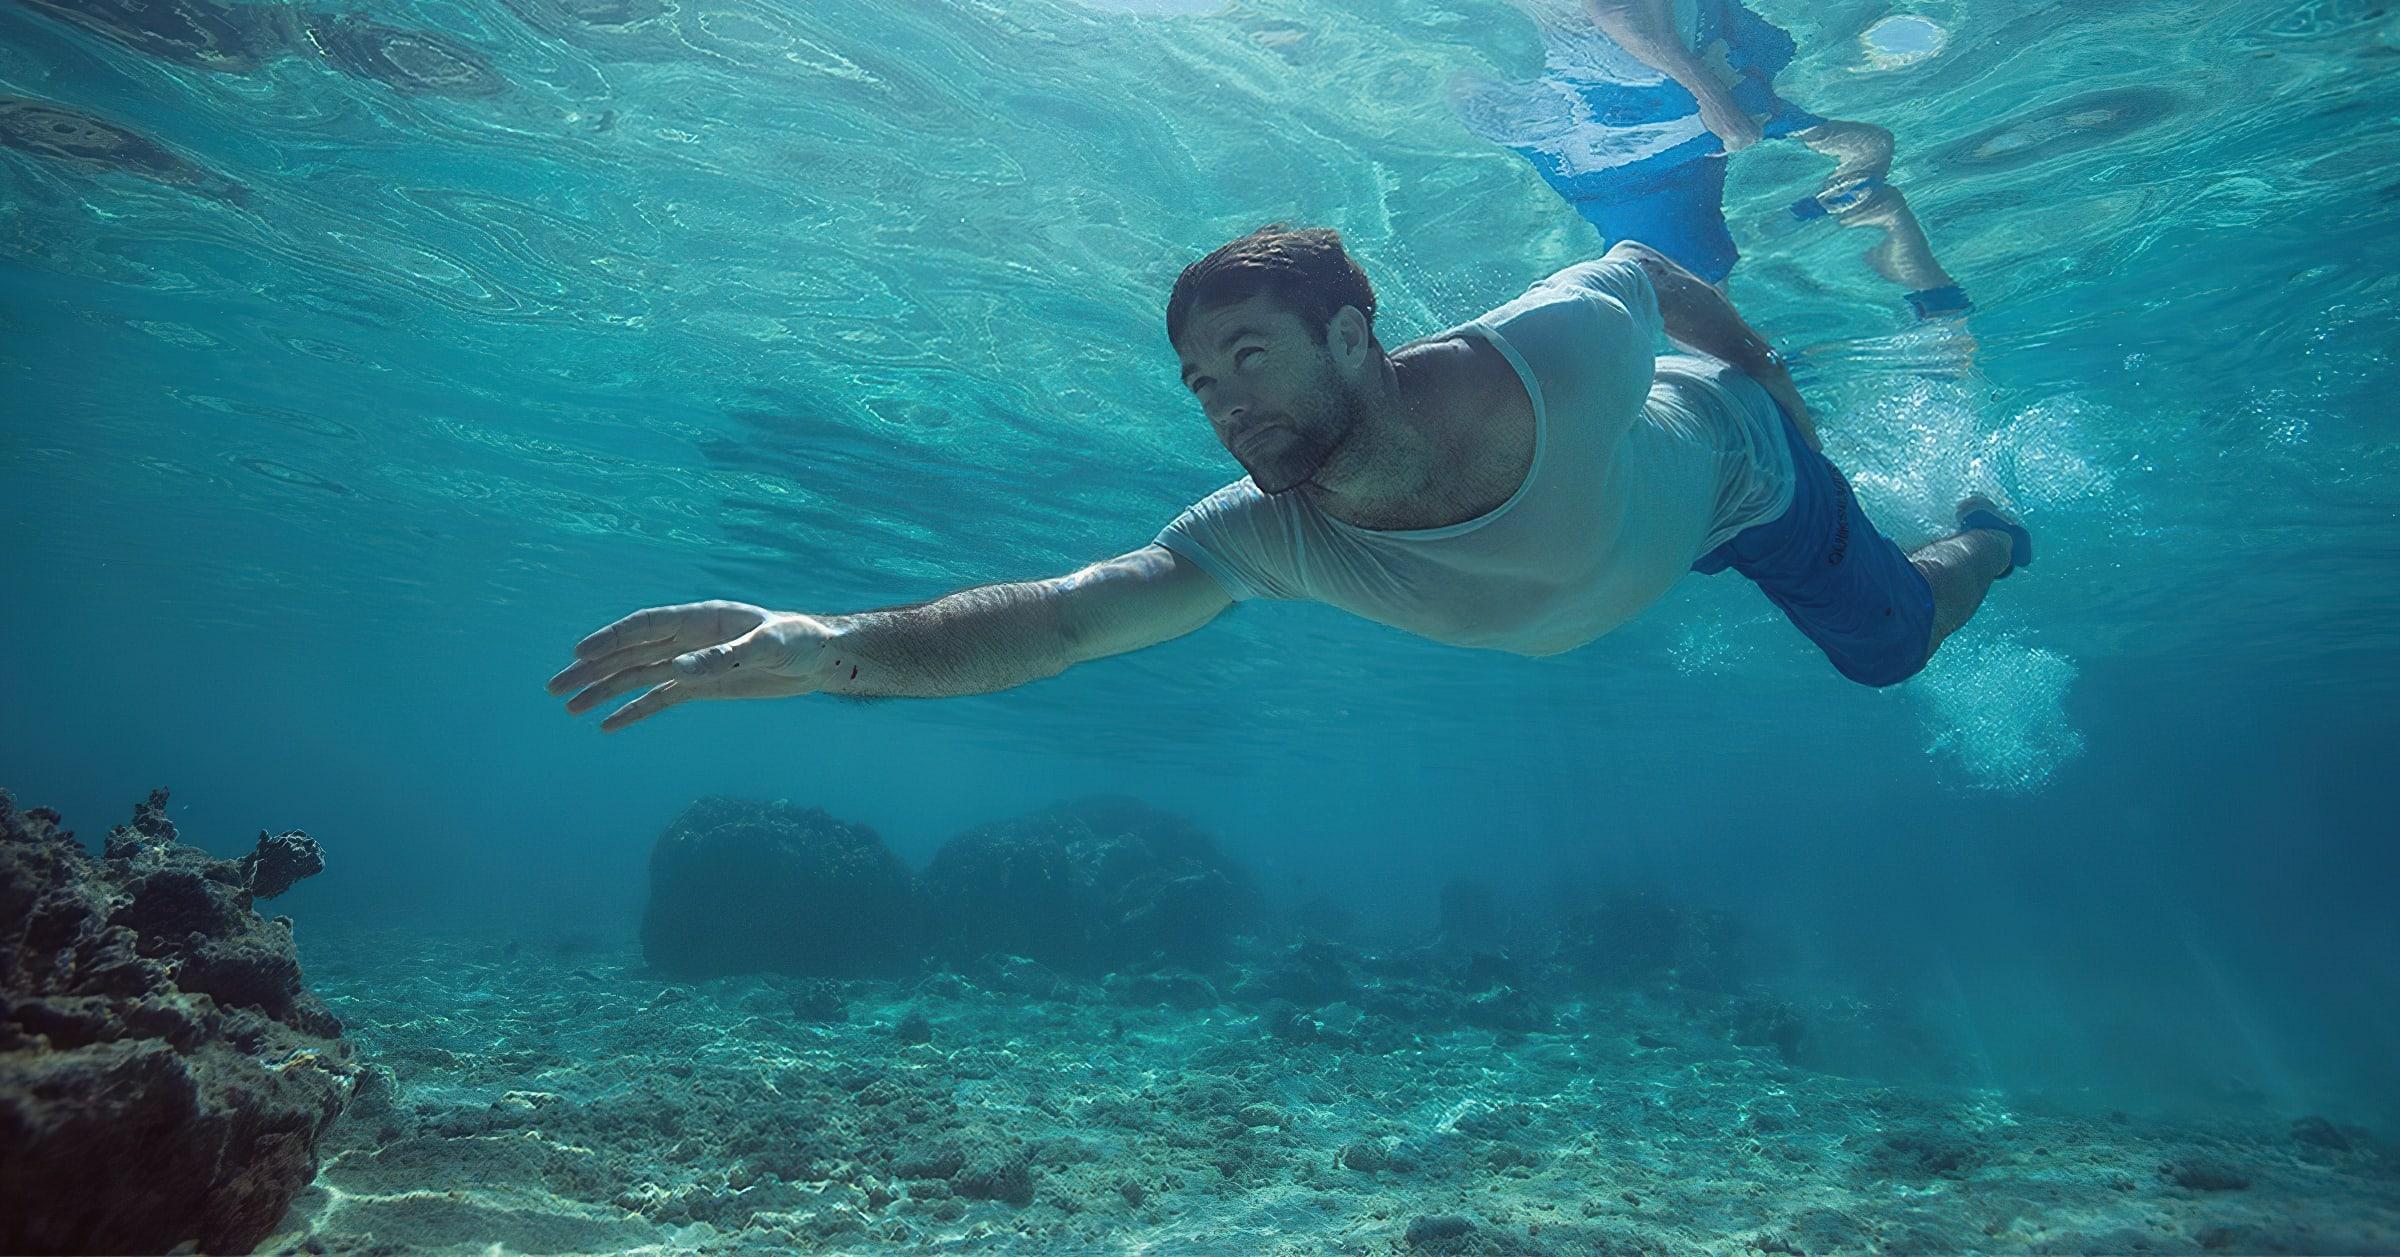 Тренироваться лучше в прохладной воде